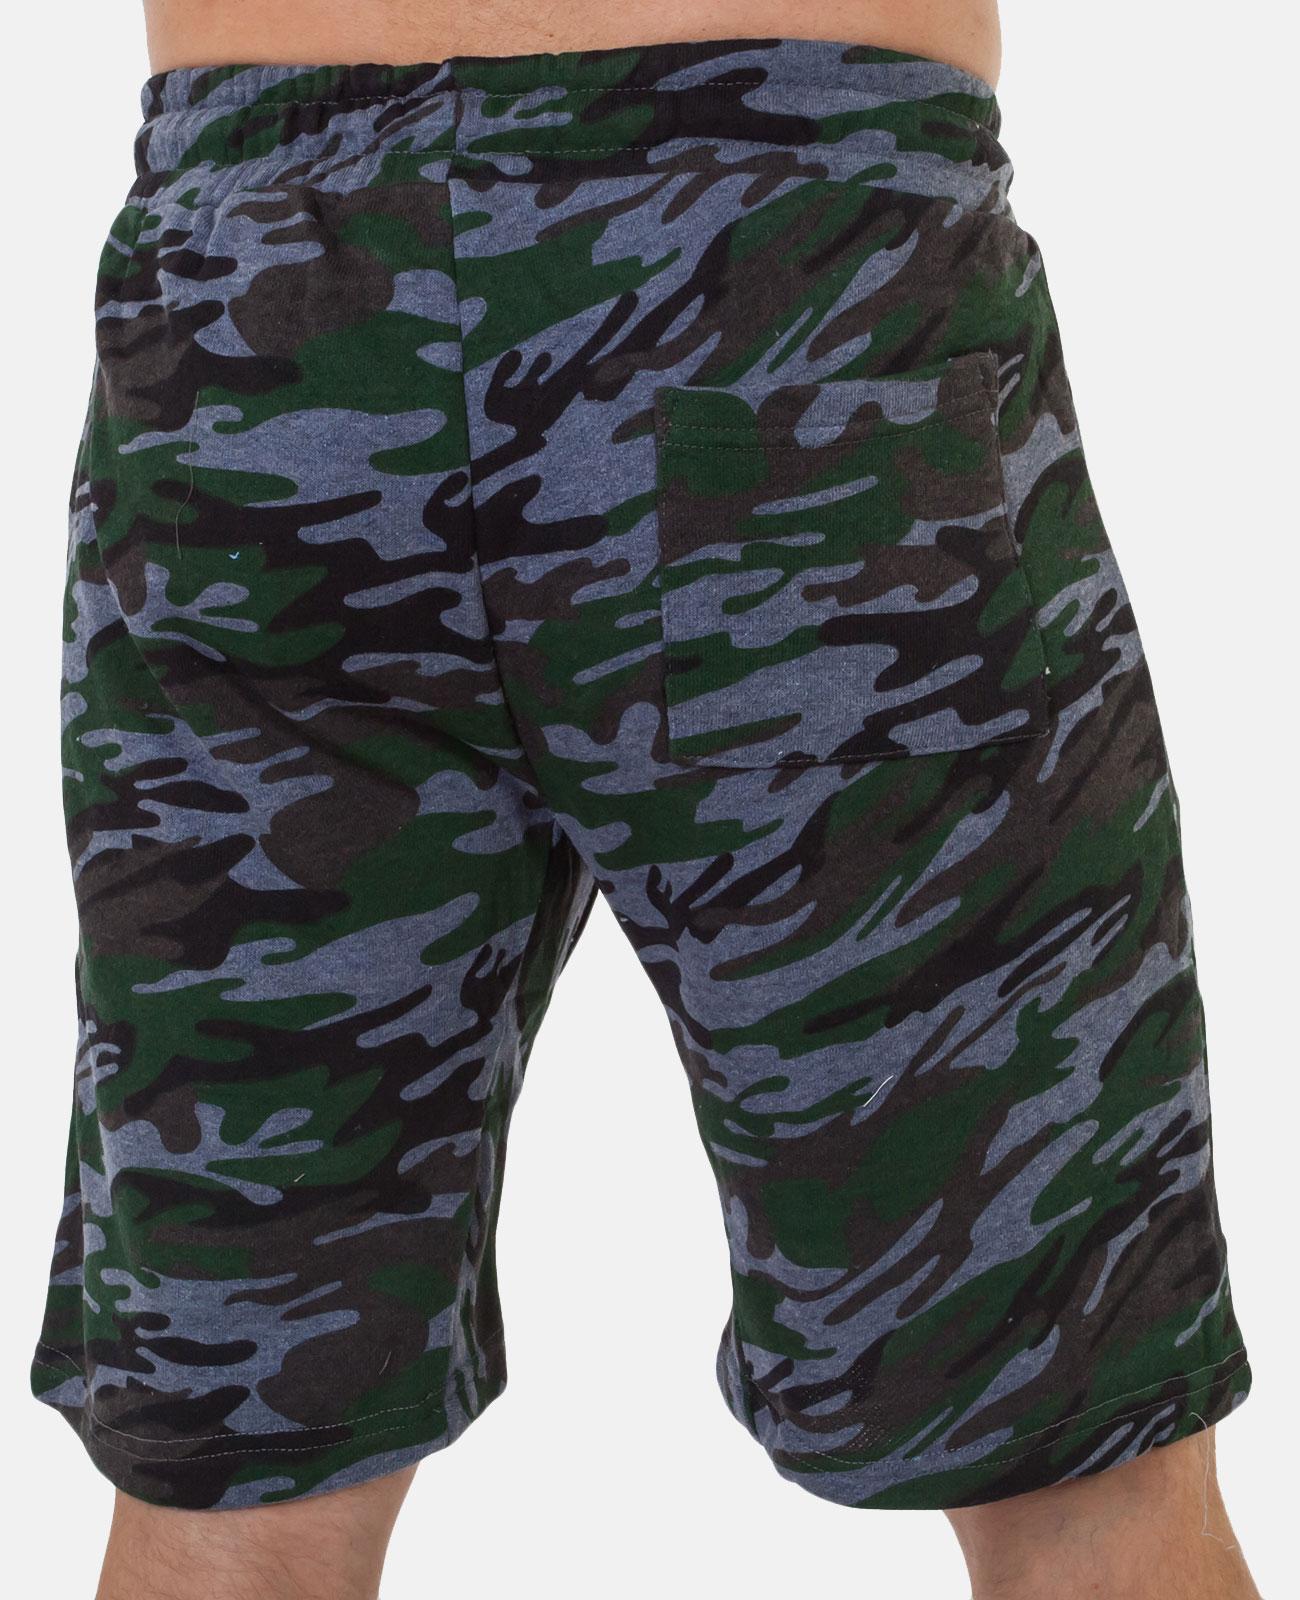 Мужские камуфляжные шорты с карманами купить онлайн